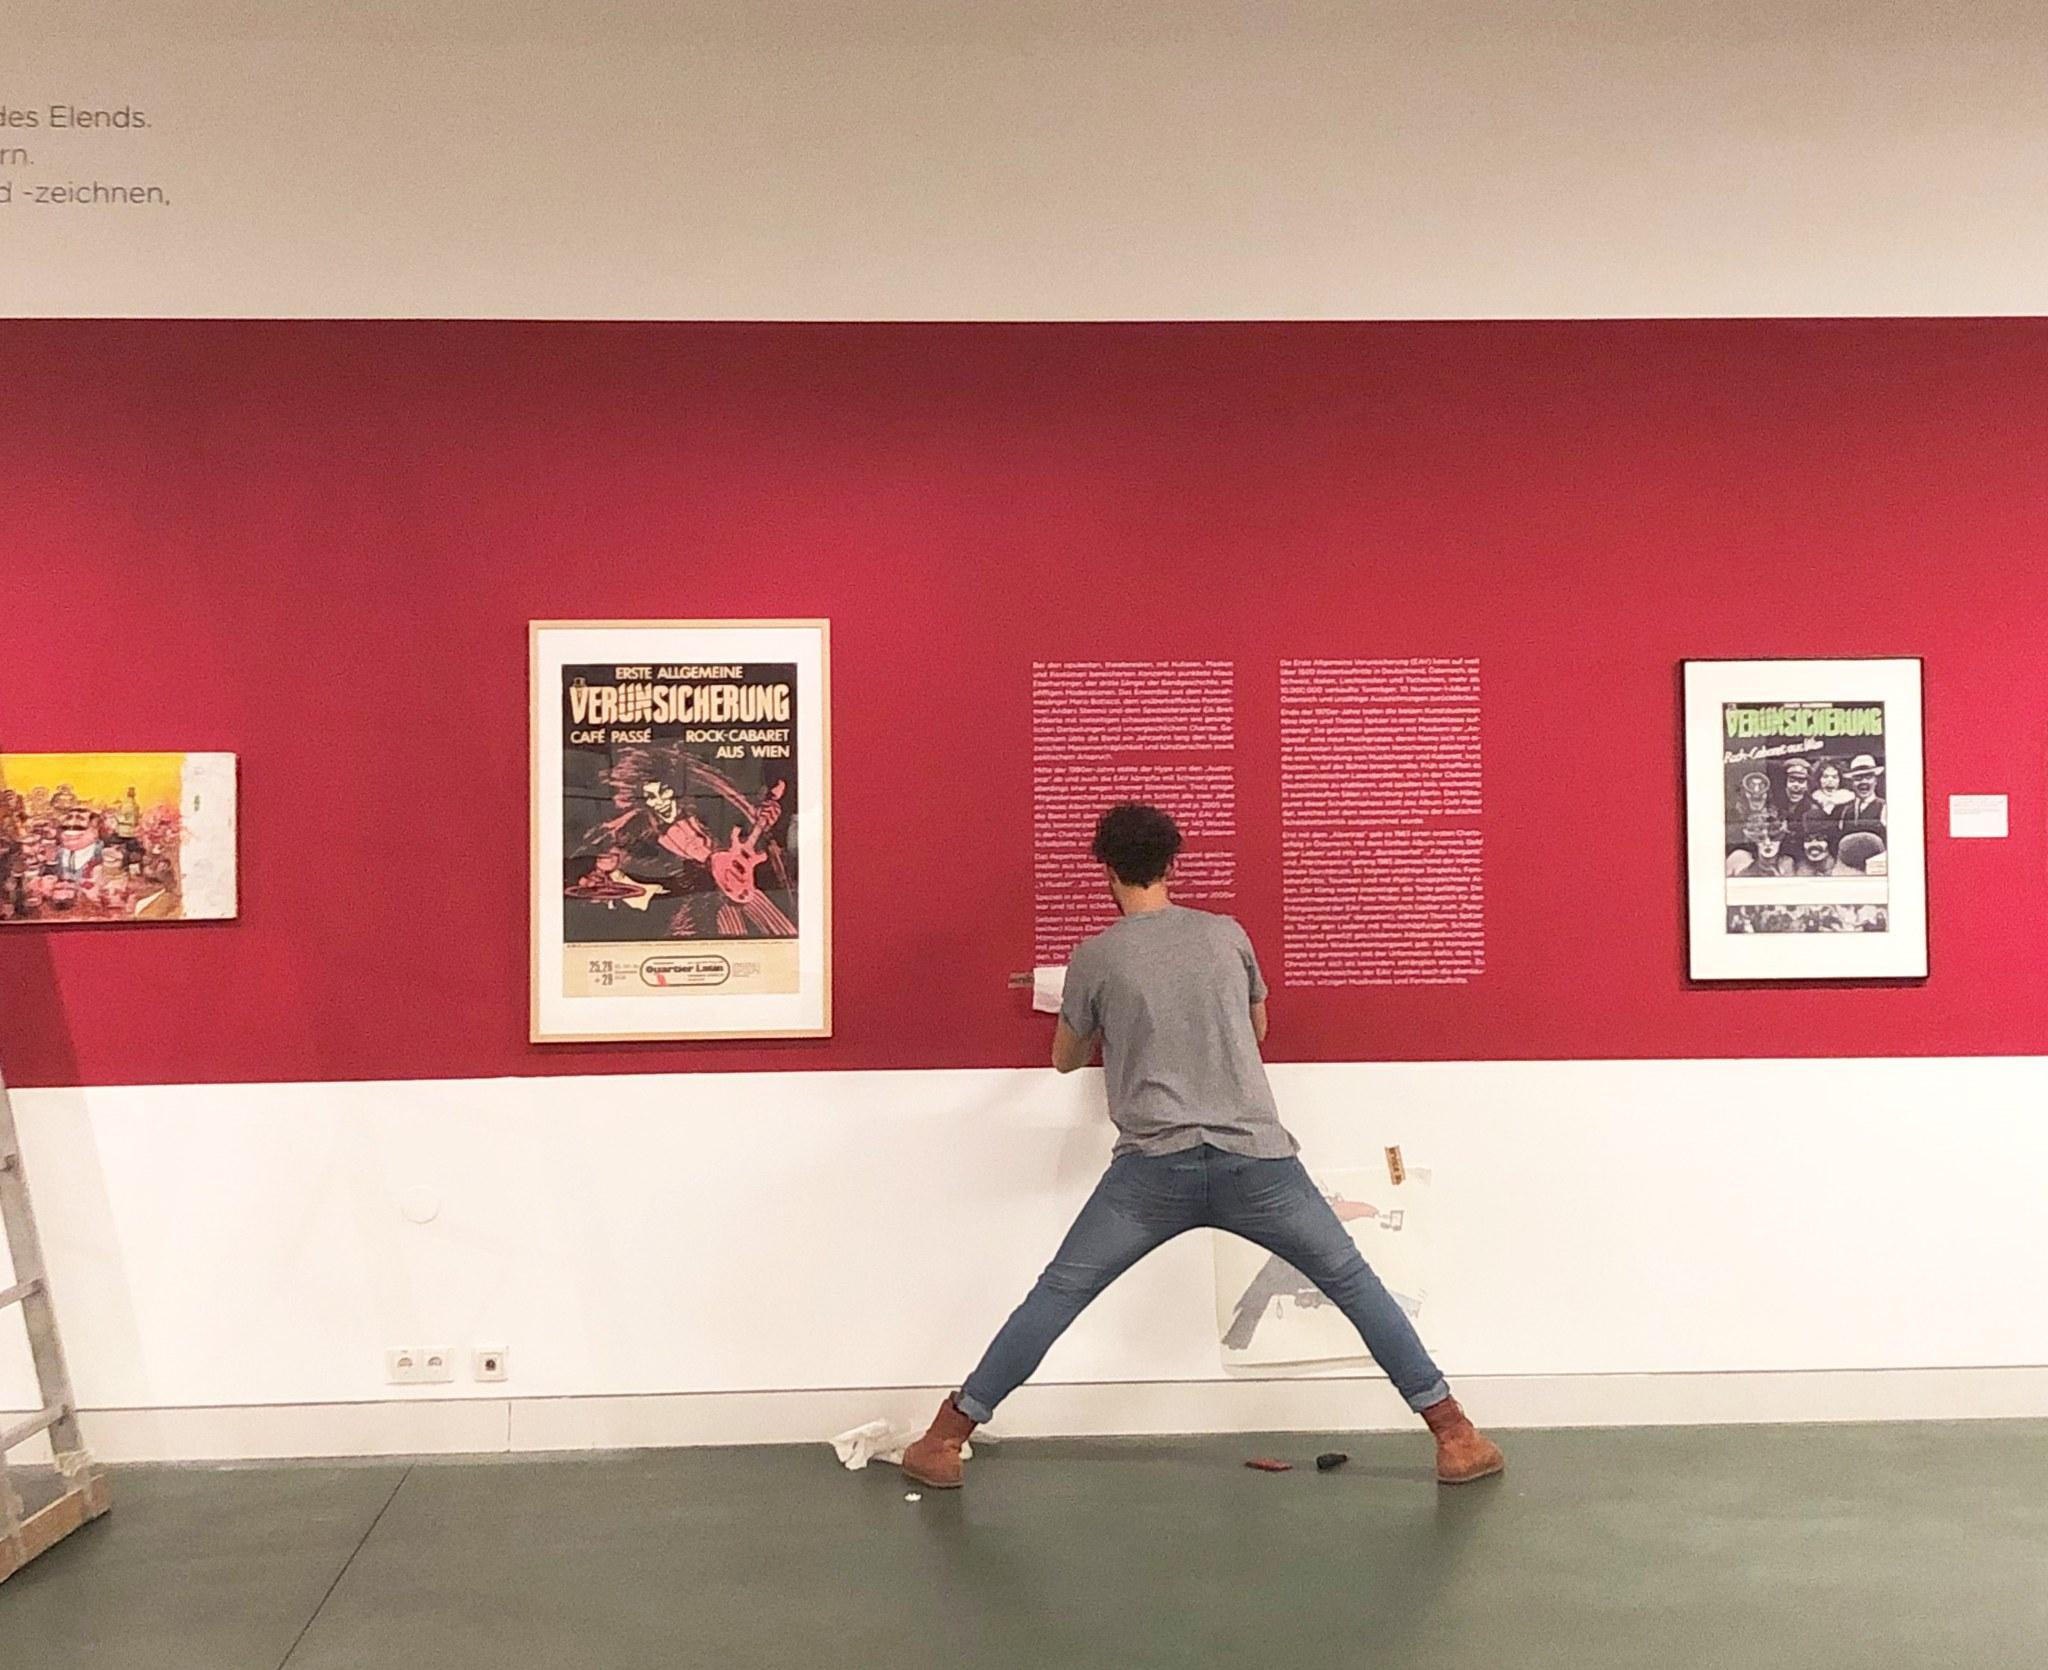 """Von Mo 02.03. bis Fr 13.3.2020 bauen wir die neue Ausstellung """"Fix & Foxi XXL. Die Entdeckung der Schlümpfe, Spirou und Lucky Luke"""" für Sie auf. In diesem Zeitraum ist nur eine Ausstellung zugänglich - daher gibt es einen ermäßigten Eintritt von € 5 p.P.  Wir bitten um Ihr Verstandnis!"""